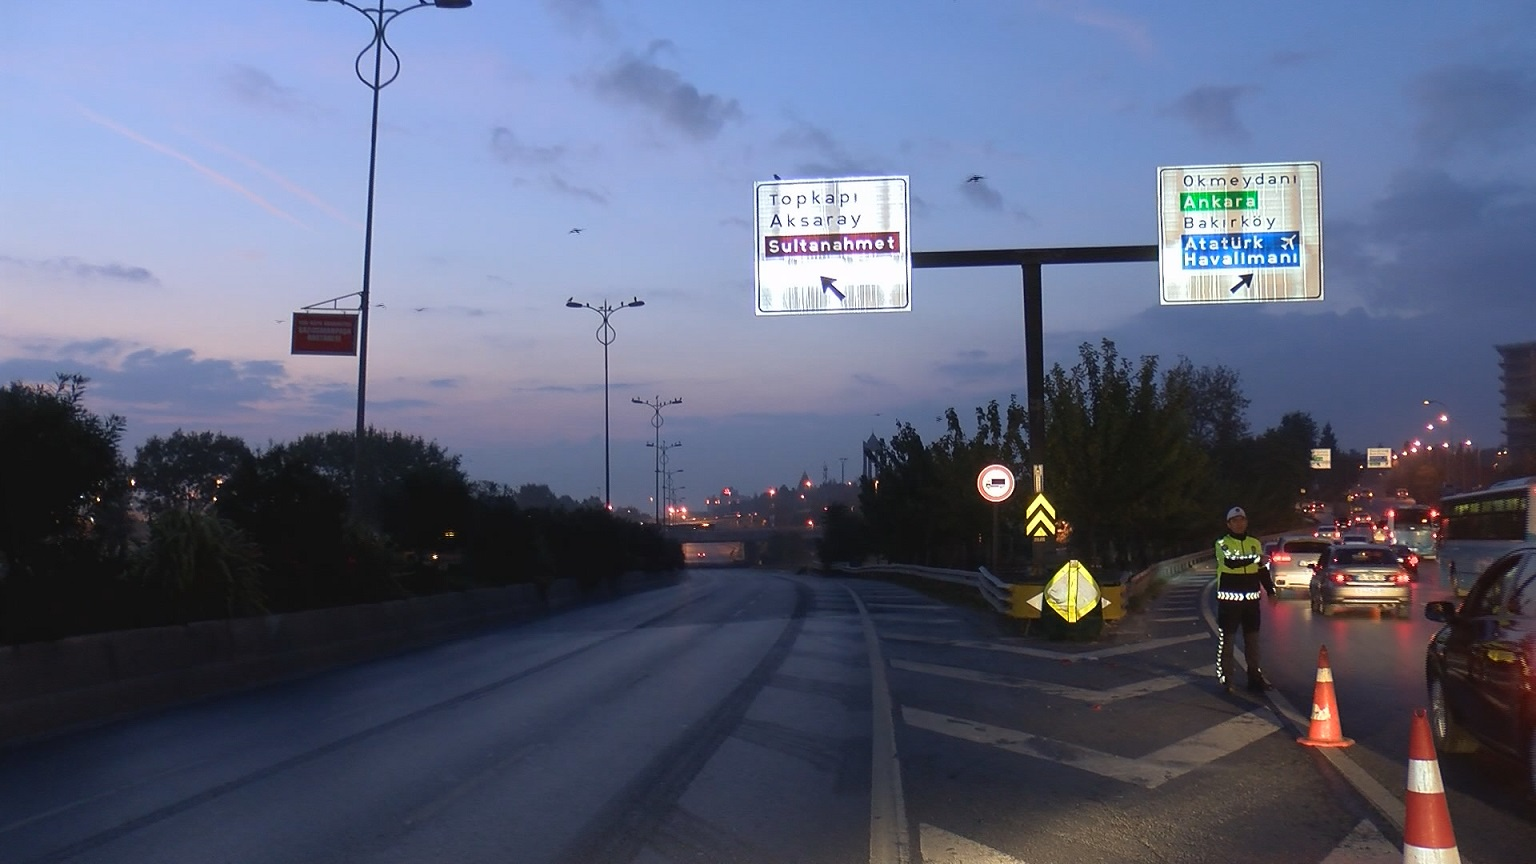 29 Ekim kutlamaları nedeniyle Vatan Caddesi trafiğe kapatıldı